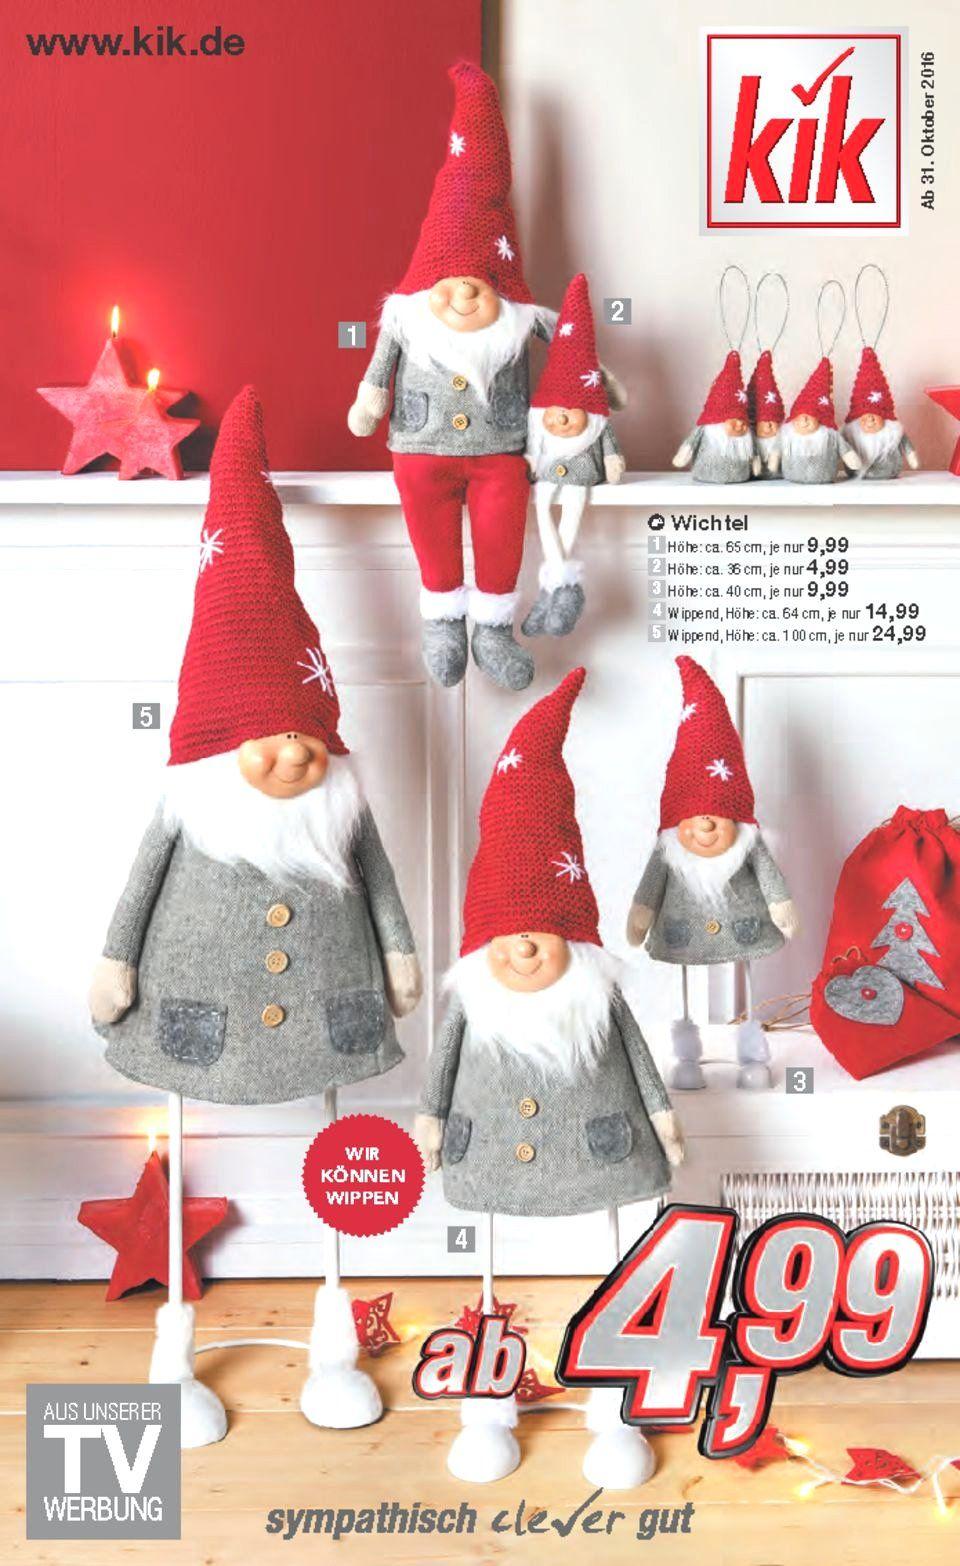 Weihnachtsdeko Kik.18 Gut Aussehend 45 Einfach Kik Weihnachtsdeko 2017 Ideen Planen